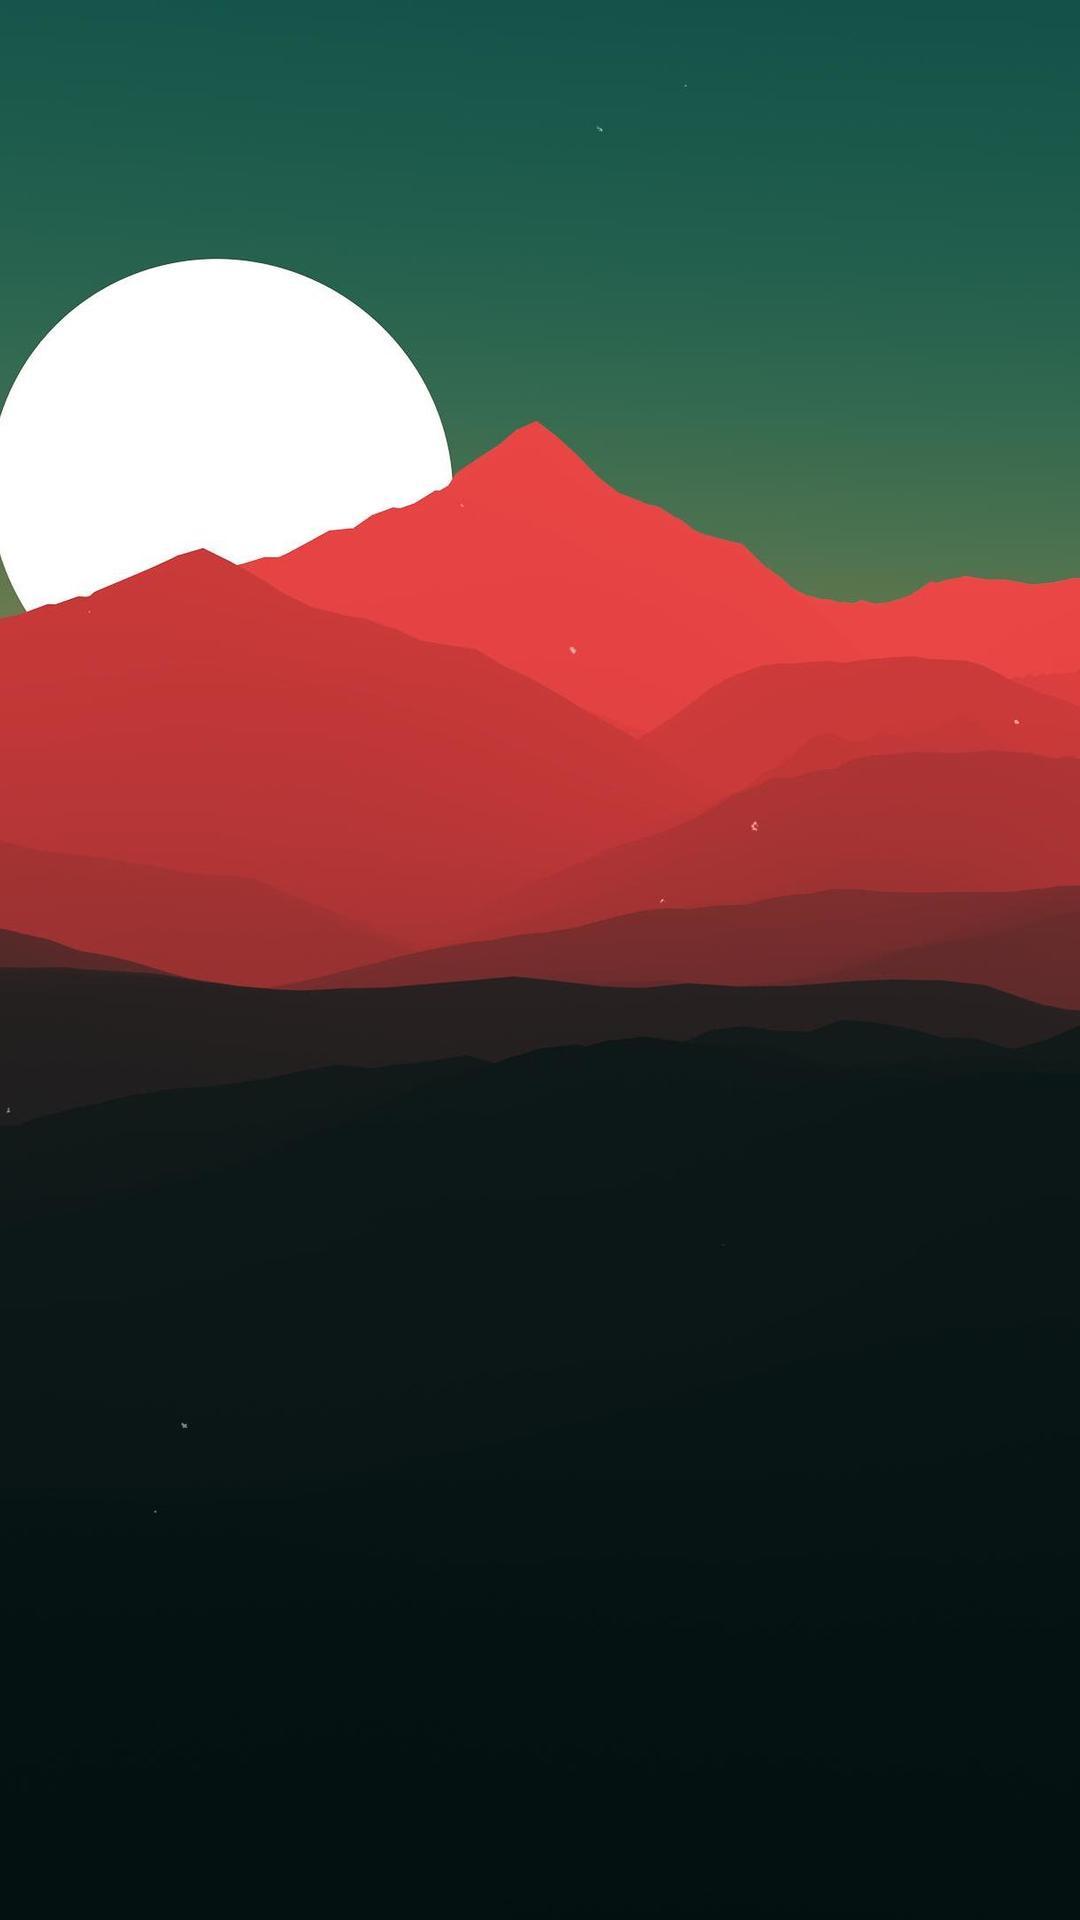 Oled Wallpaper Iphone X Minimalist Landscape Jt Wallpaper 1080x1920